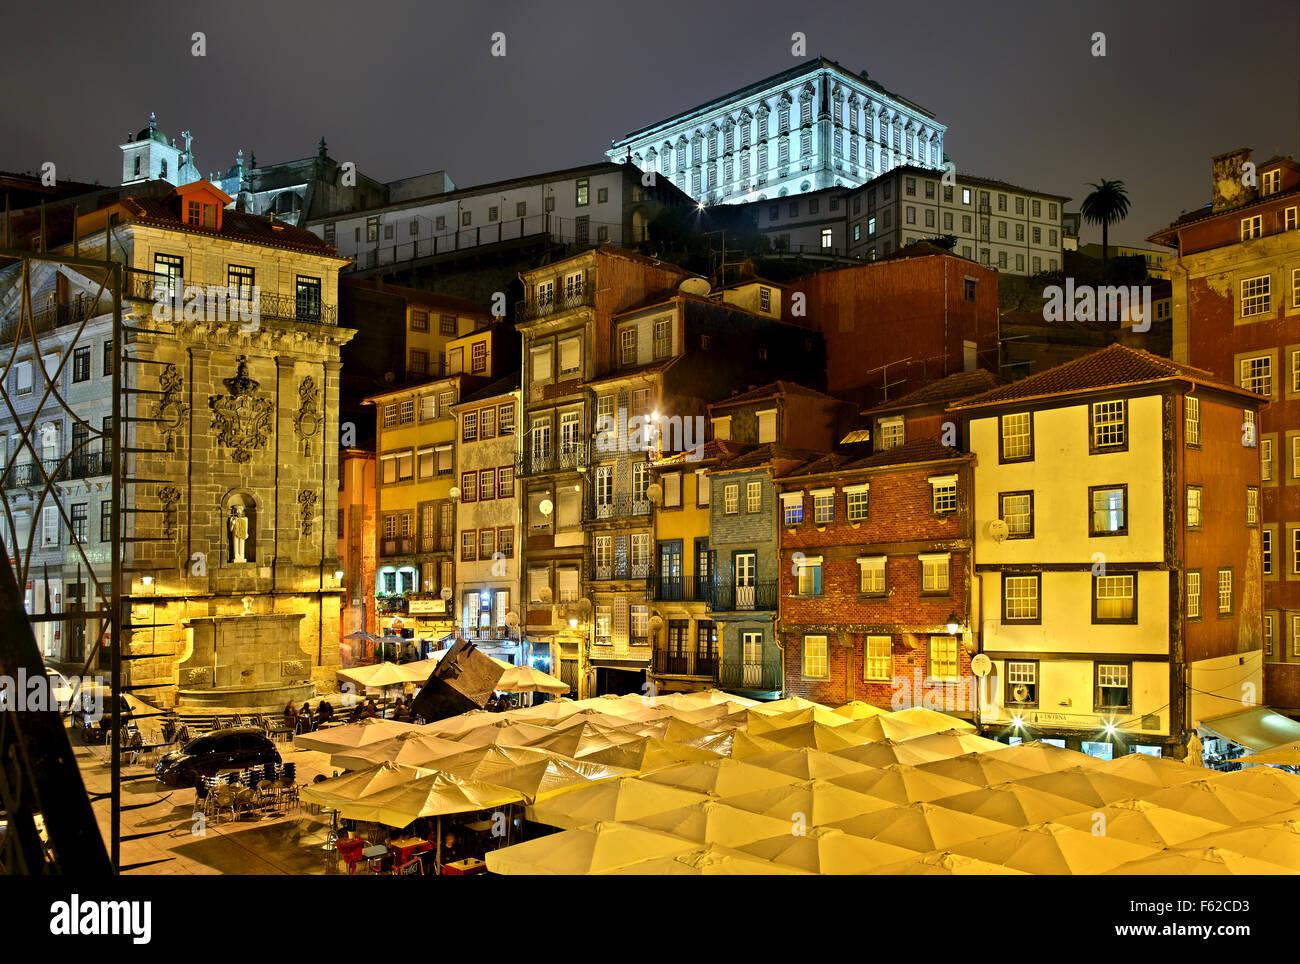 Night view of Praca (square) da Ribeira, Porto, Porte e Norte, Portugal. - Stock Image